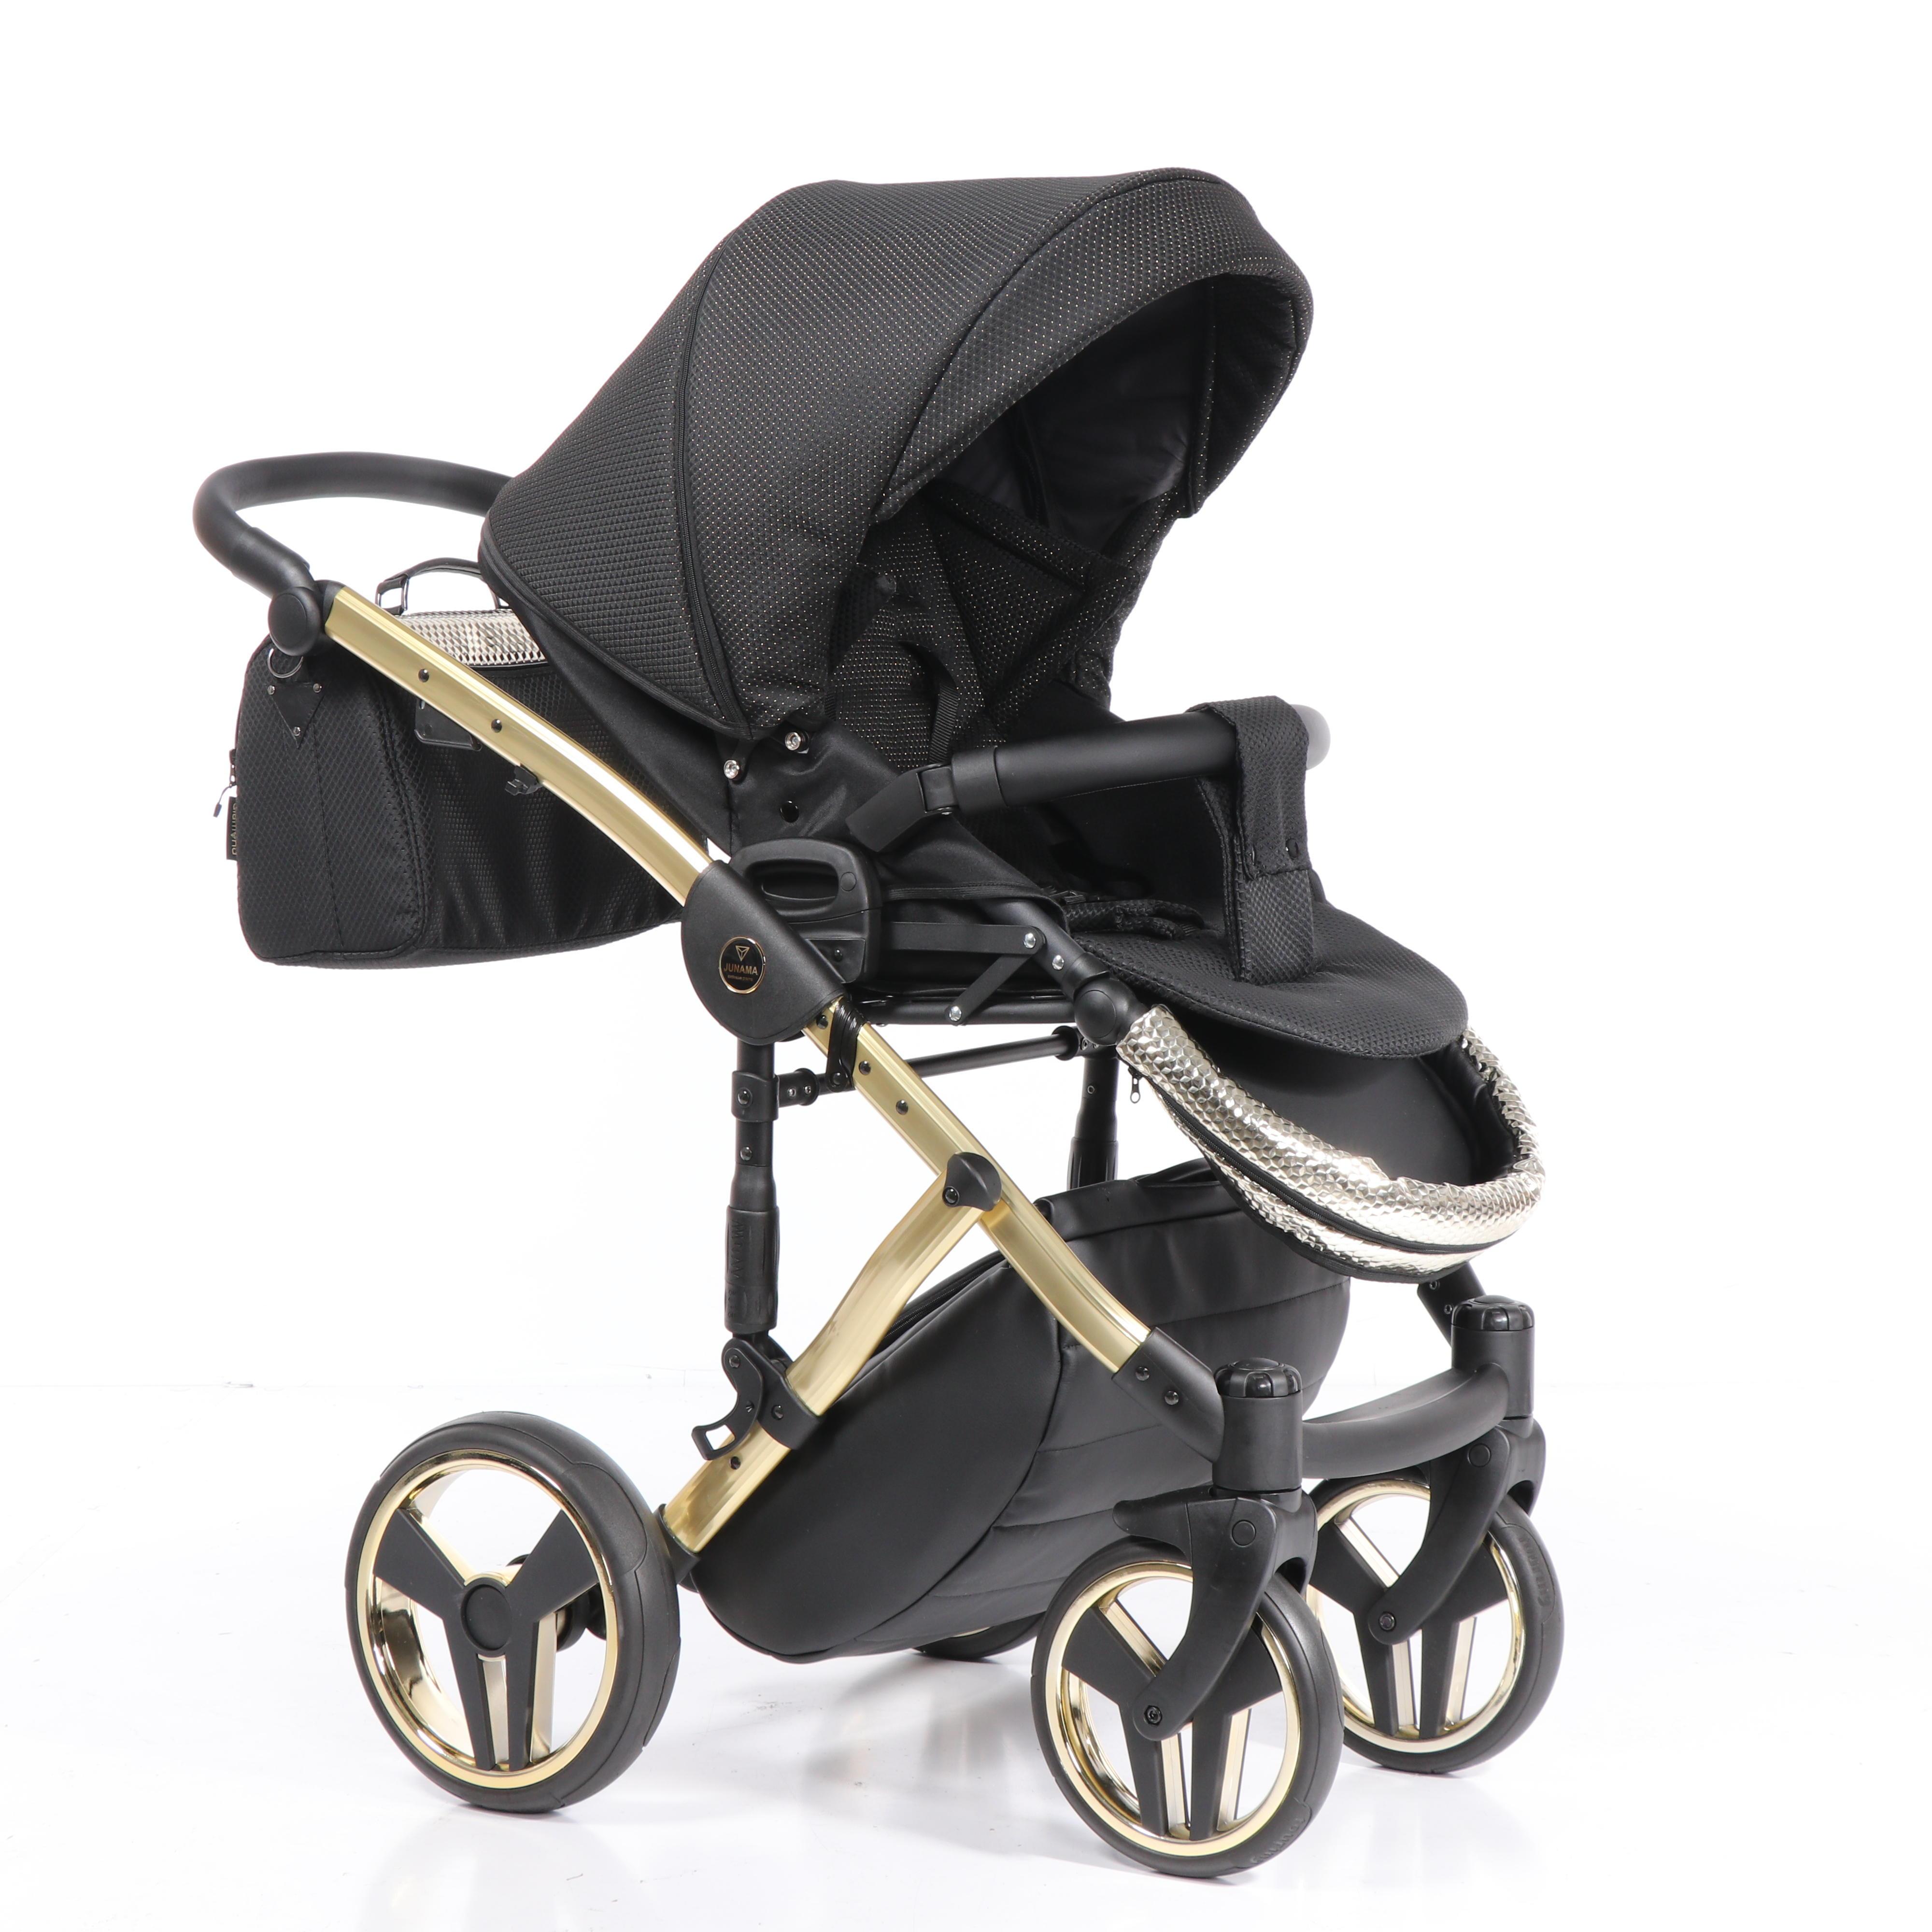 wózek dziecięcy Onyx Junama Dadi Shop wielofunkcyjny spacerowy